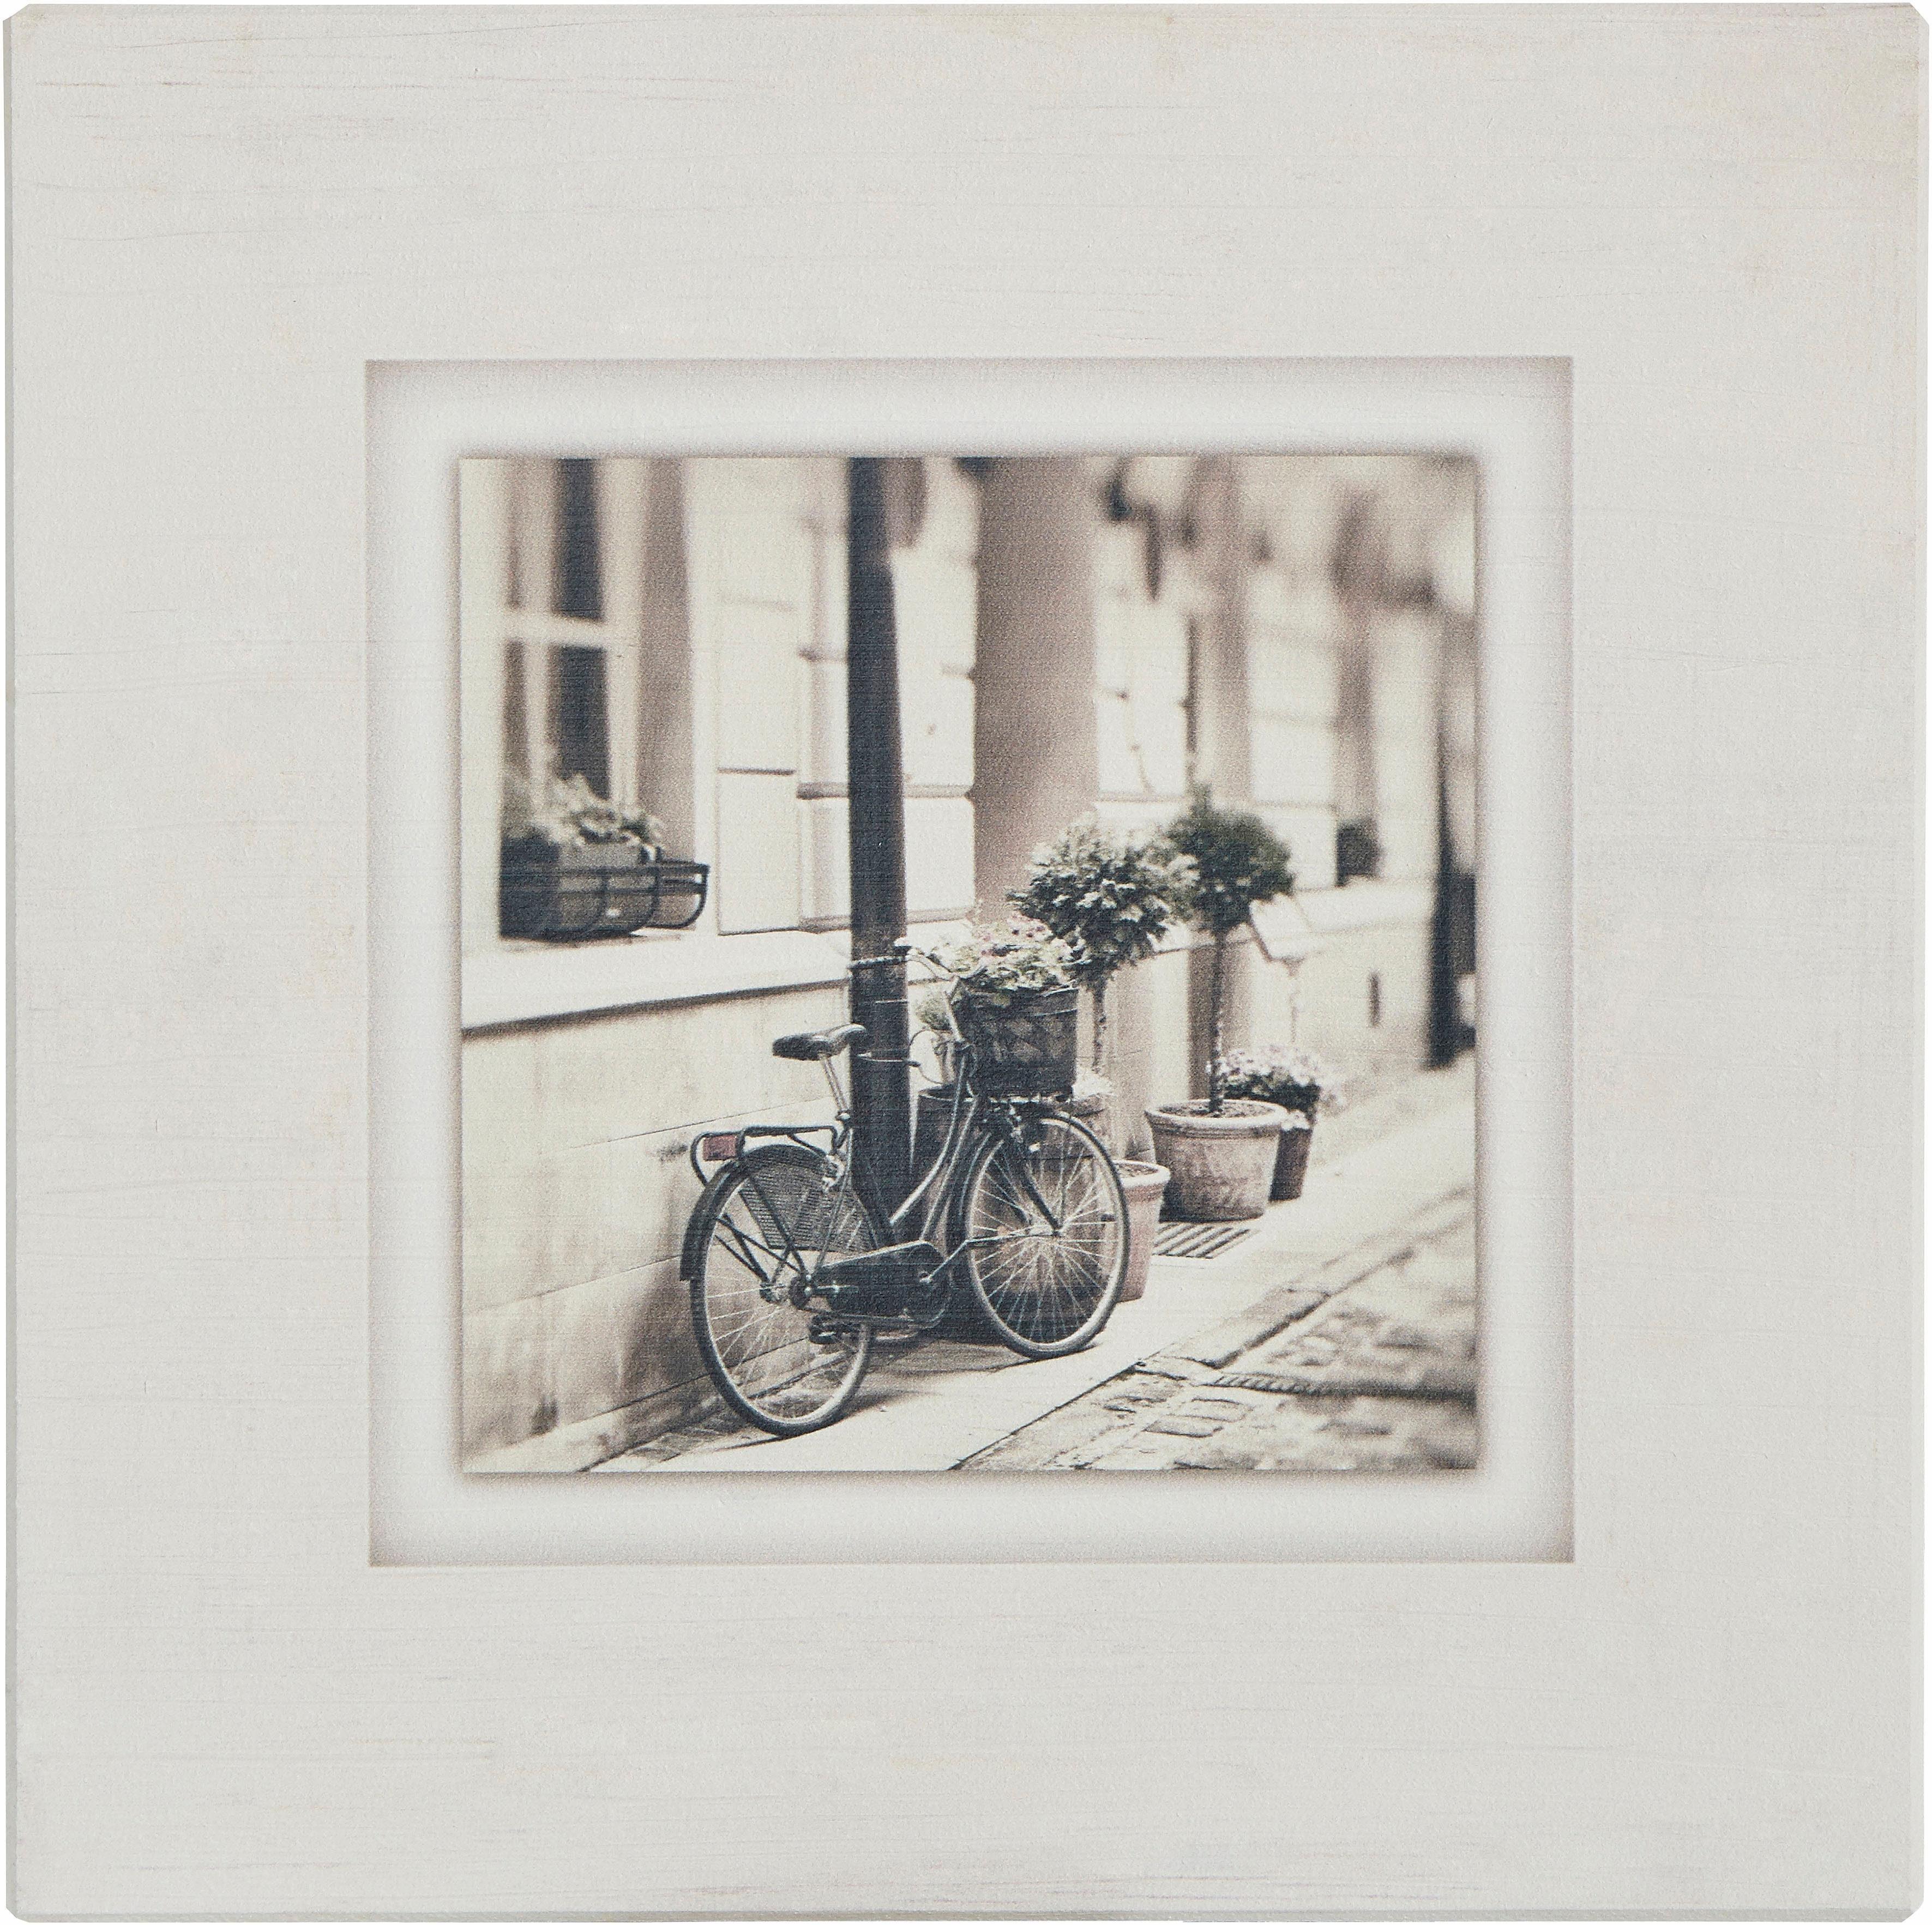 Holzbild, Home affaire, »Fahrrad an Hauswand«, 40/40 cm